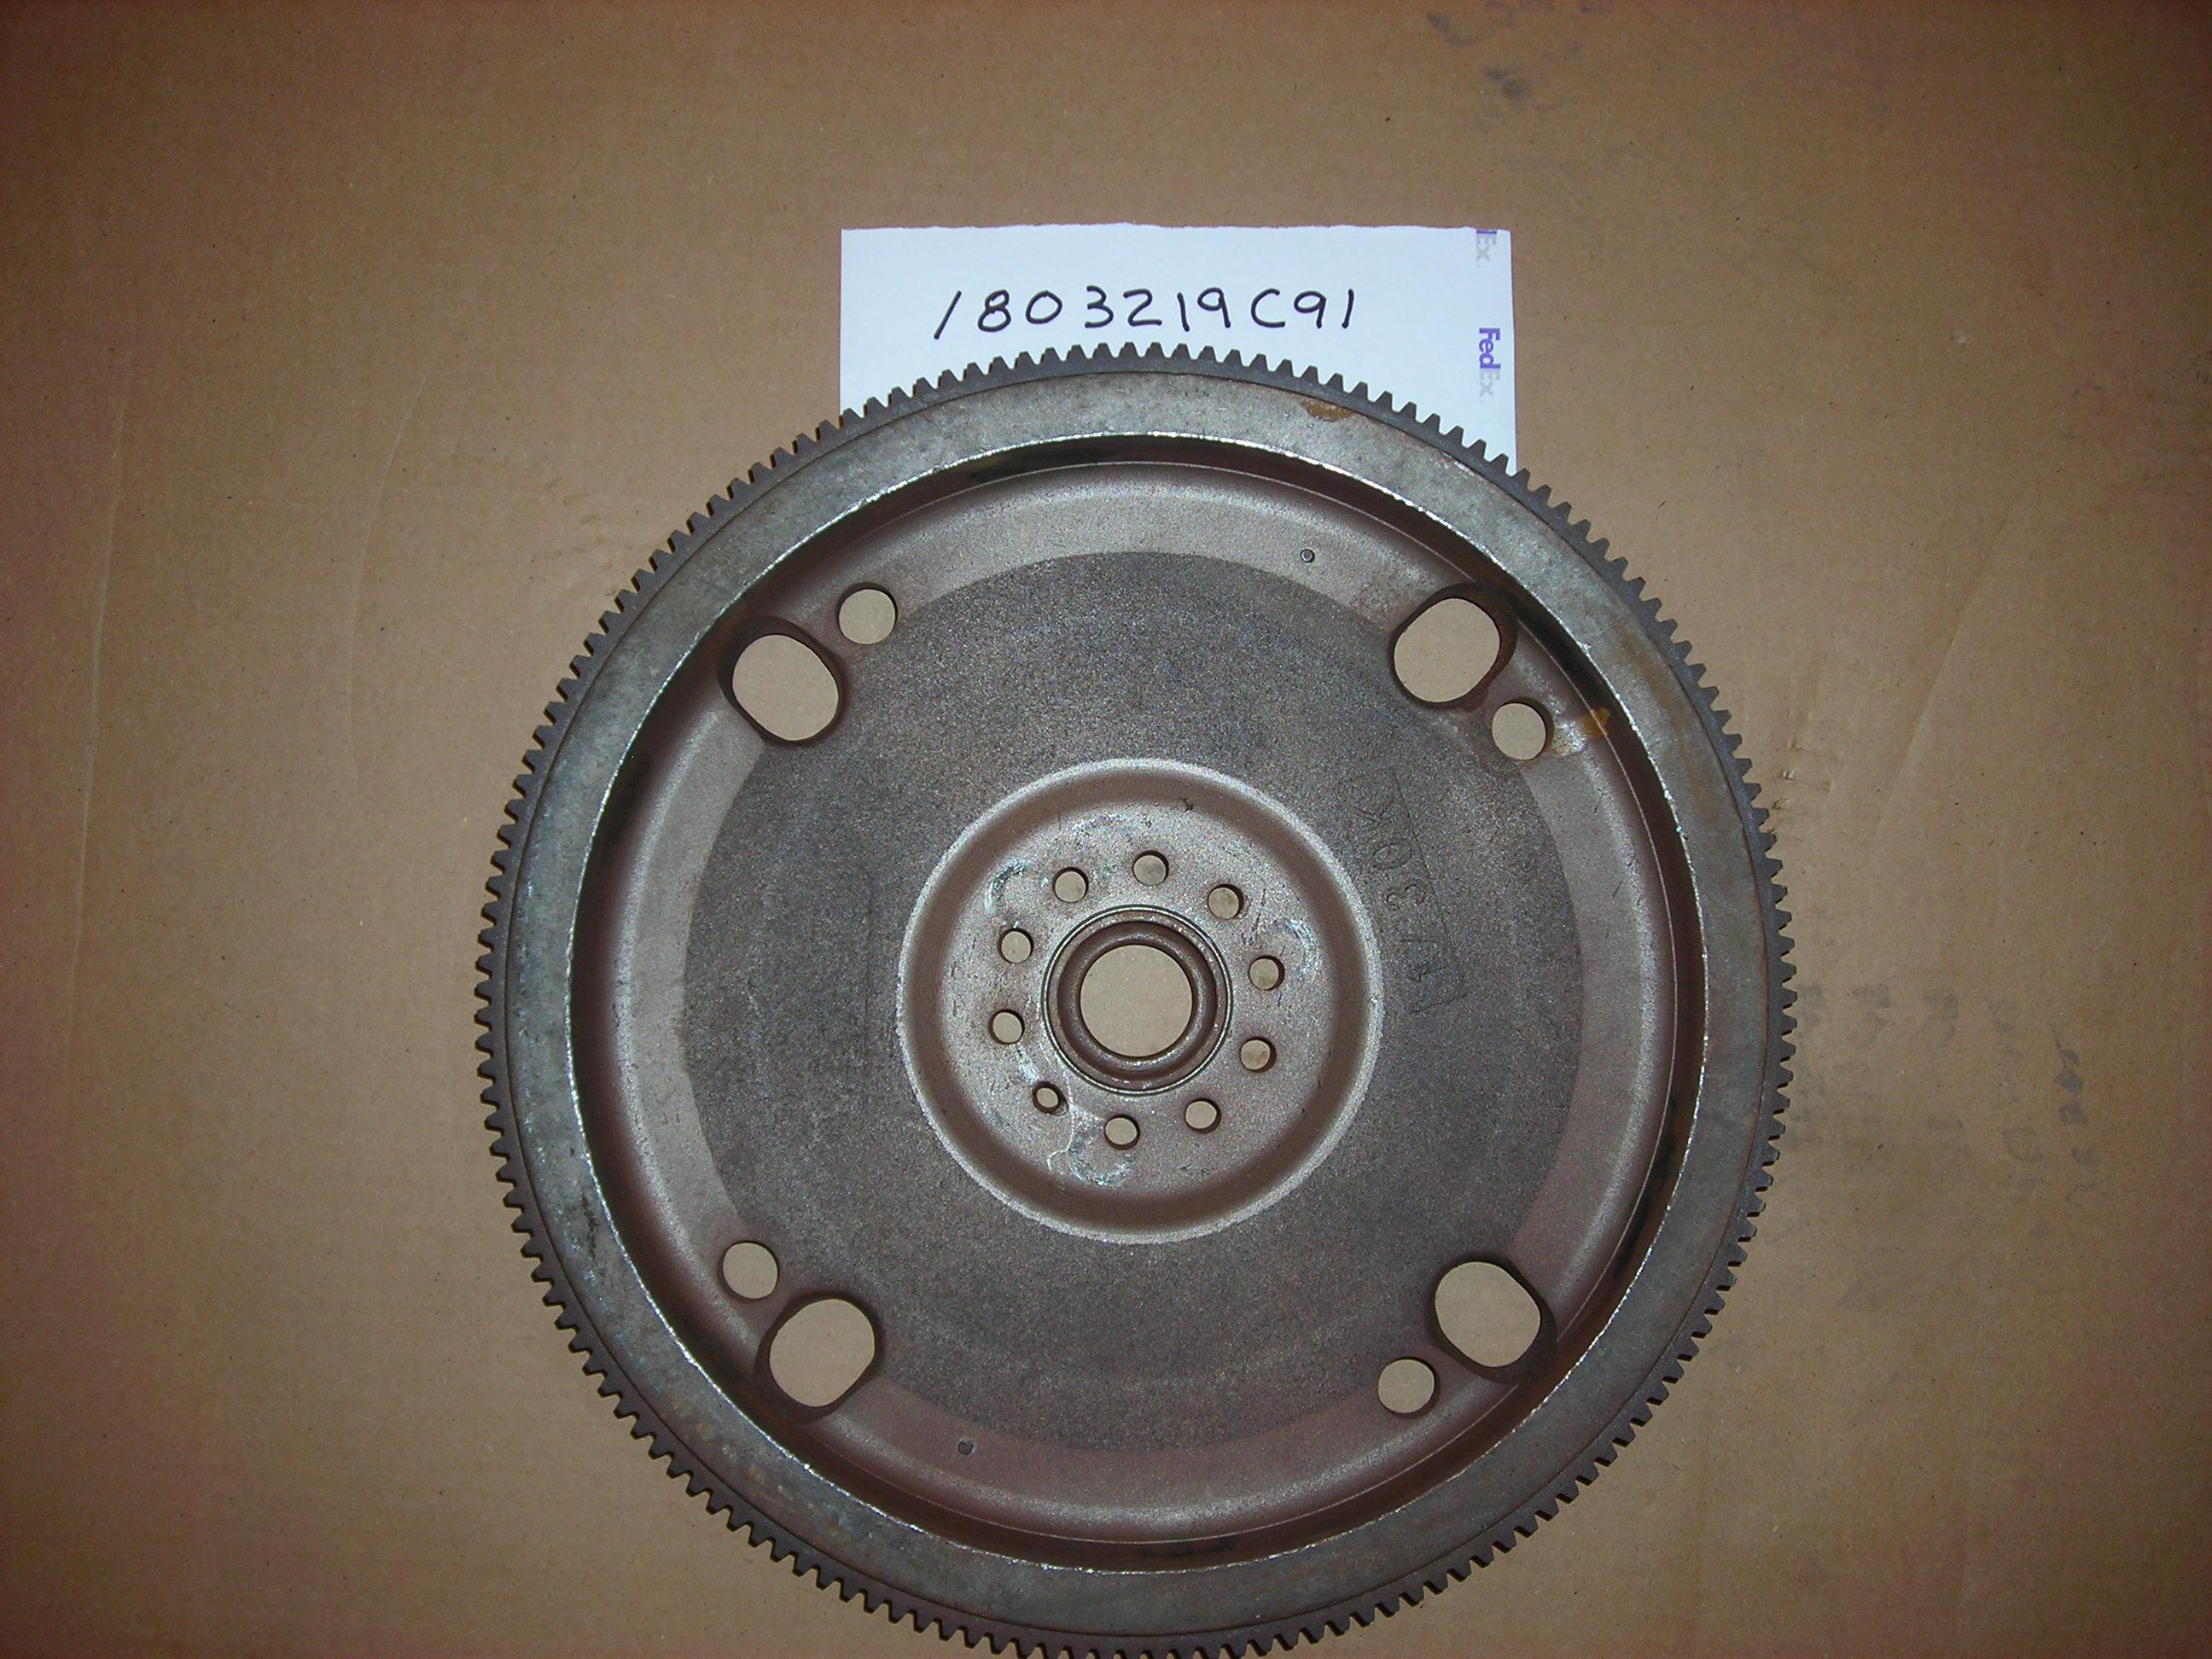 1803219C91 Navistar International Flywheel Rear